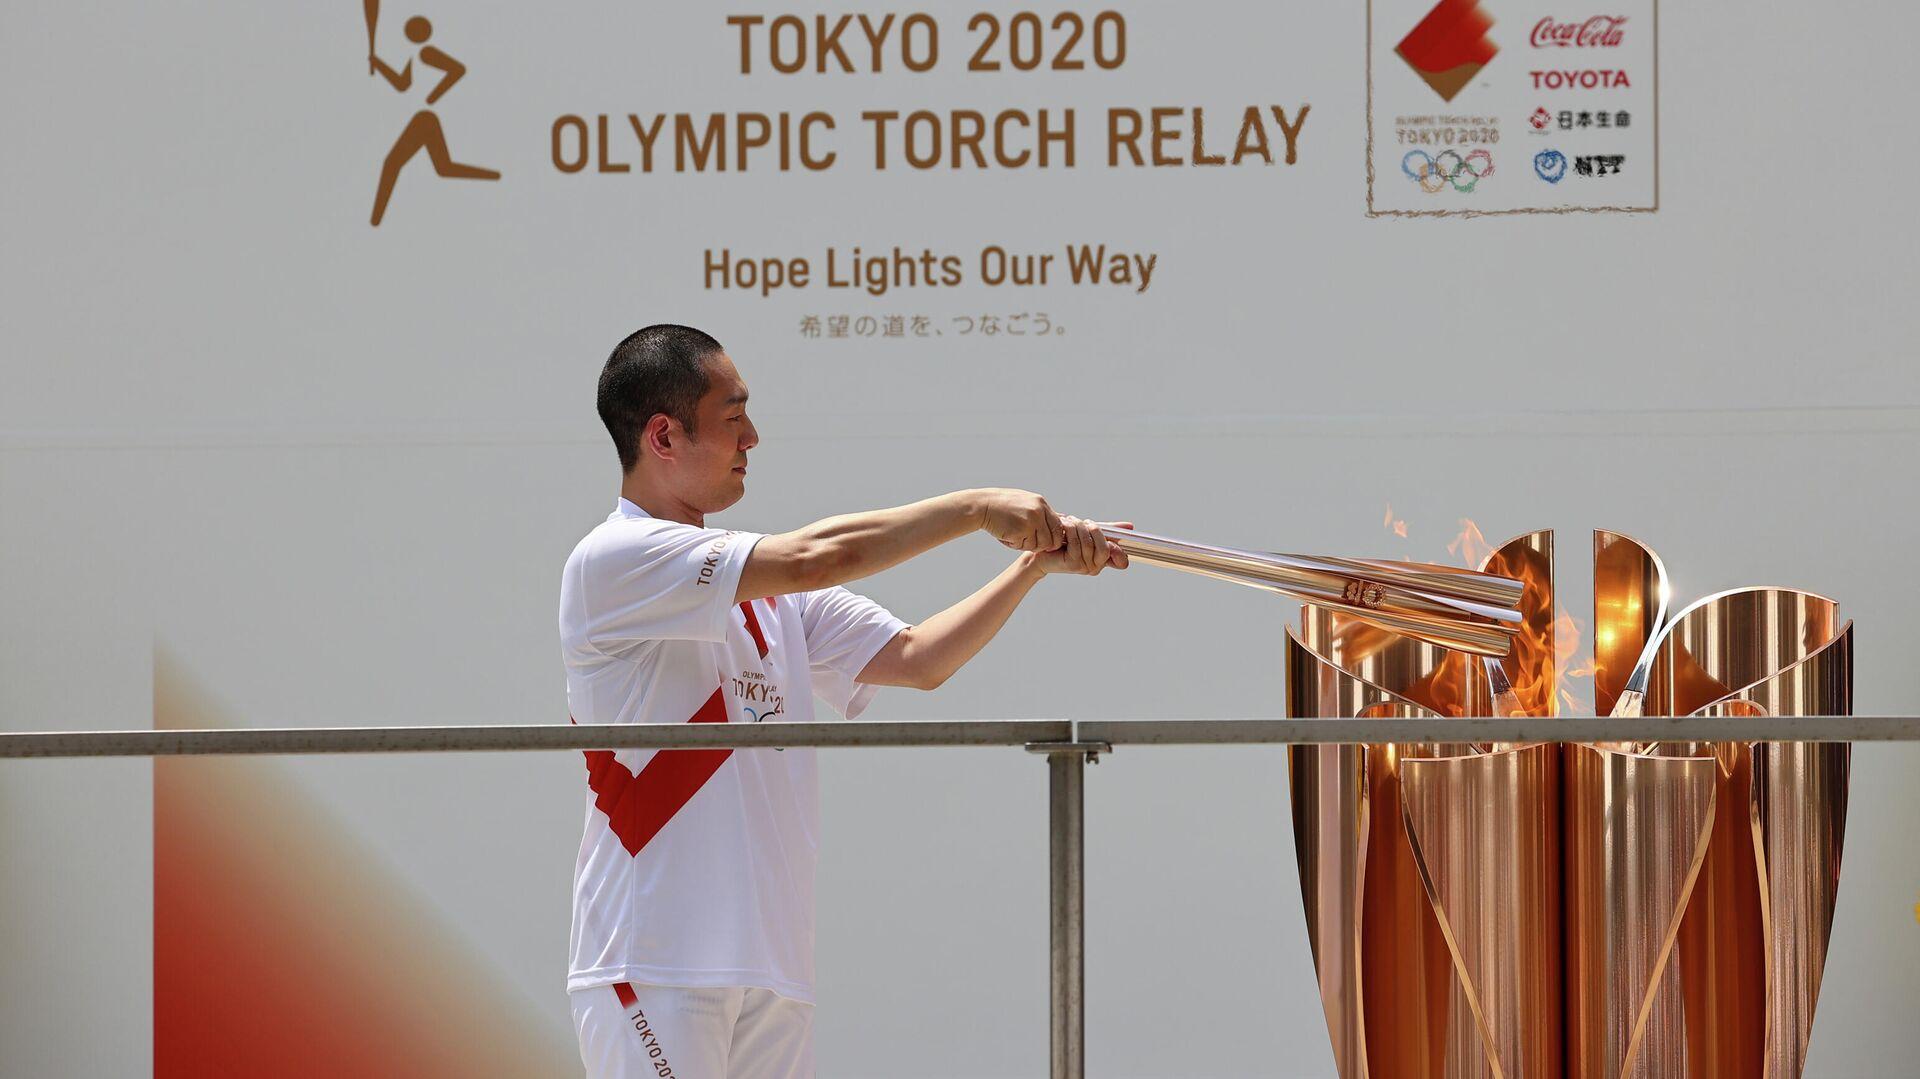 El actor de kabuki Nakamura Kankuro con la antorcha olímpica - Sputnik Mundo, 1920, 23.07.2021